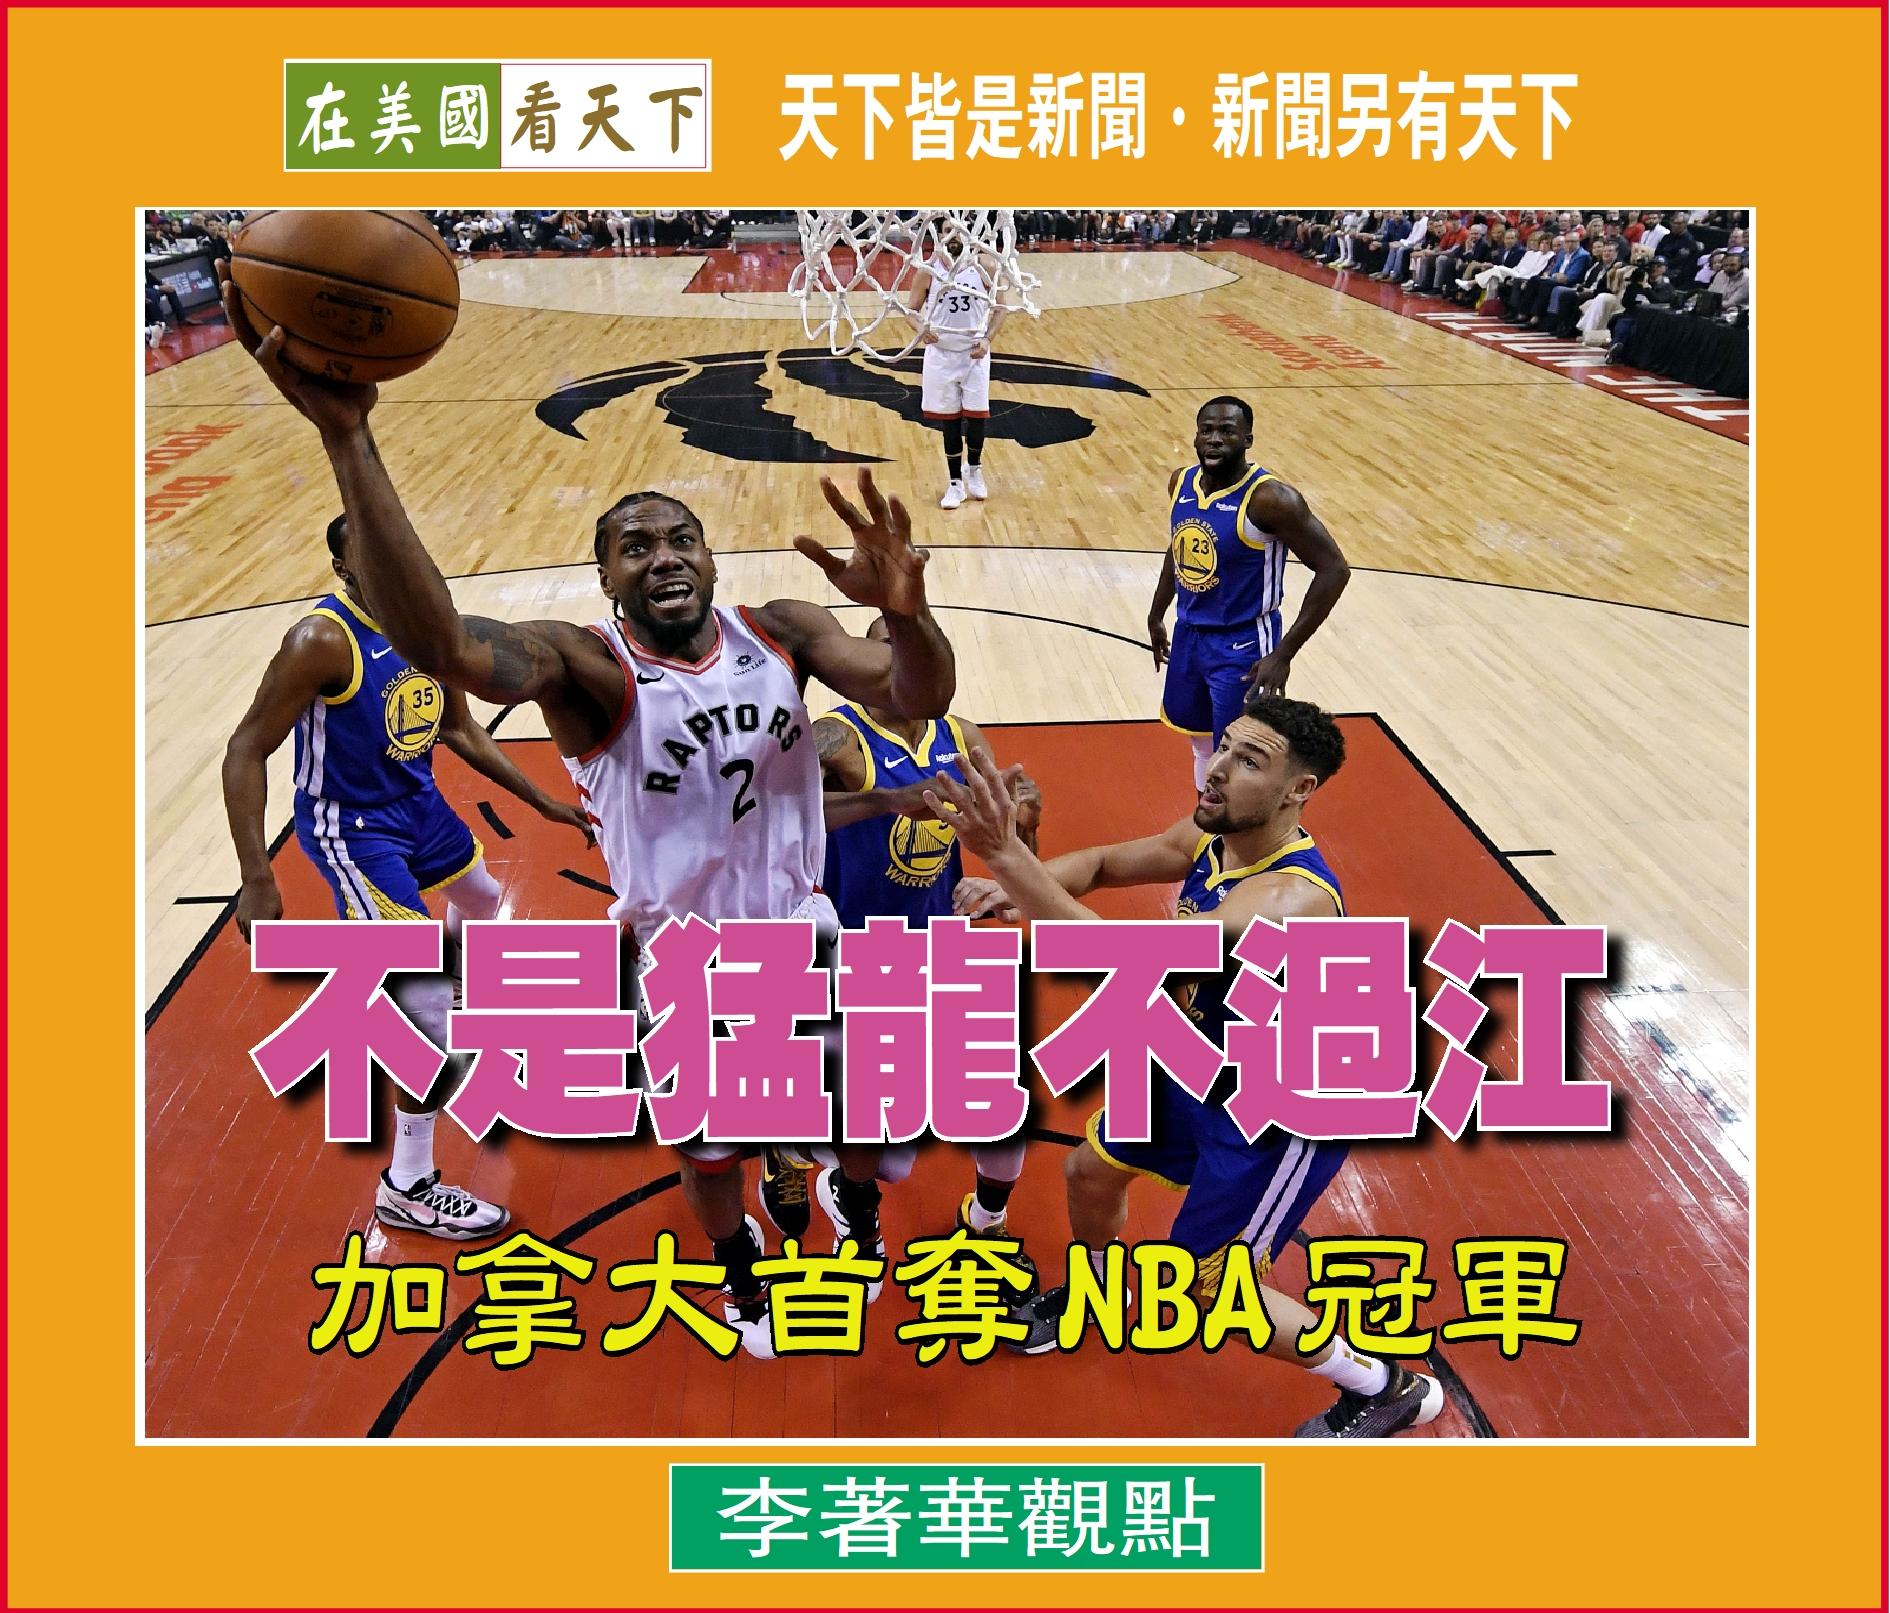 061419-不是猛龍不過江--加拿大首奪NBA冠軍.jpg